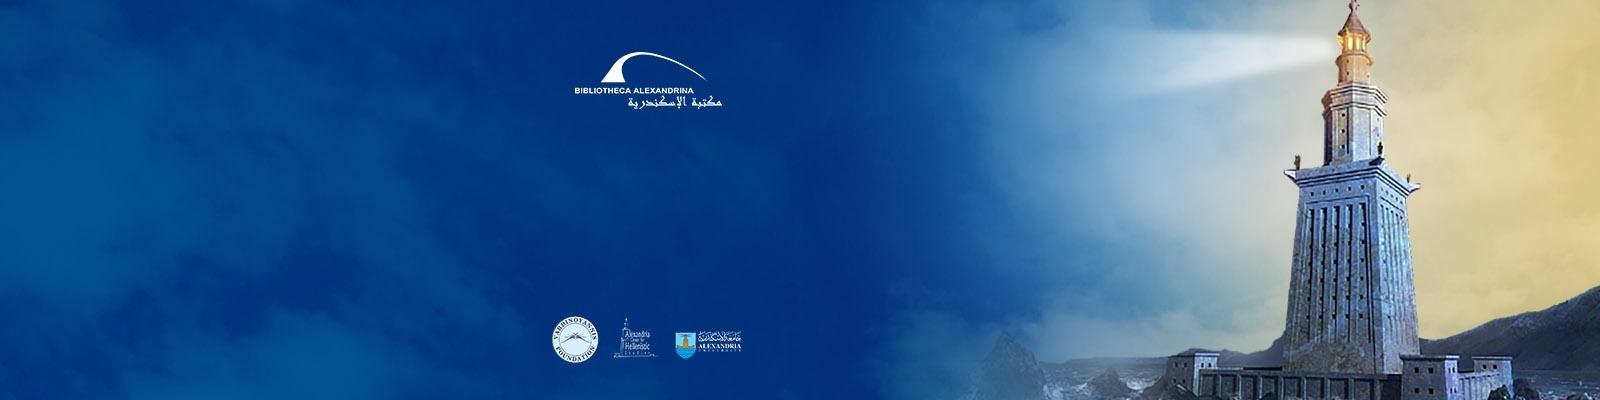 فتح باب التسجيل لبرنامجي دبلوم الدراسات العليا والماجستير في الدراسات الهلينستية 2020